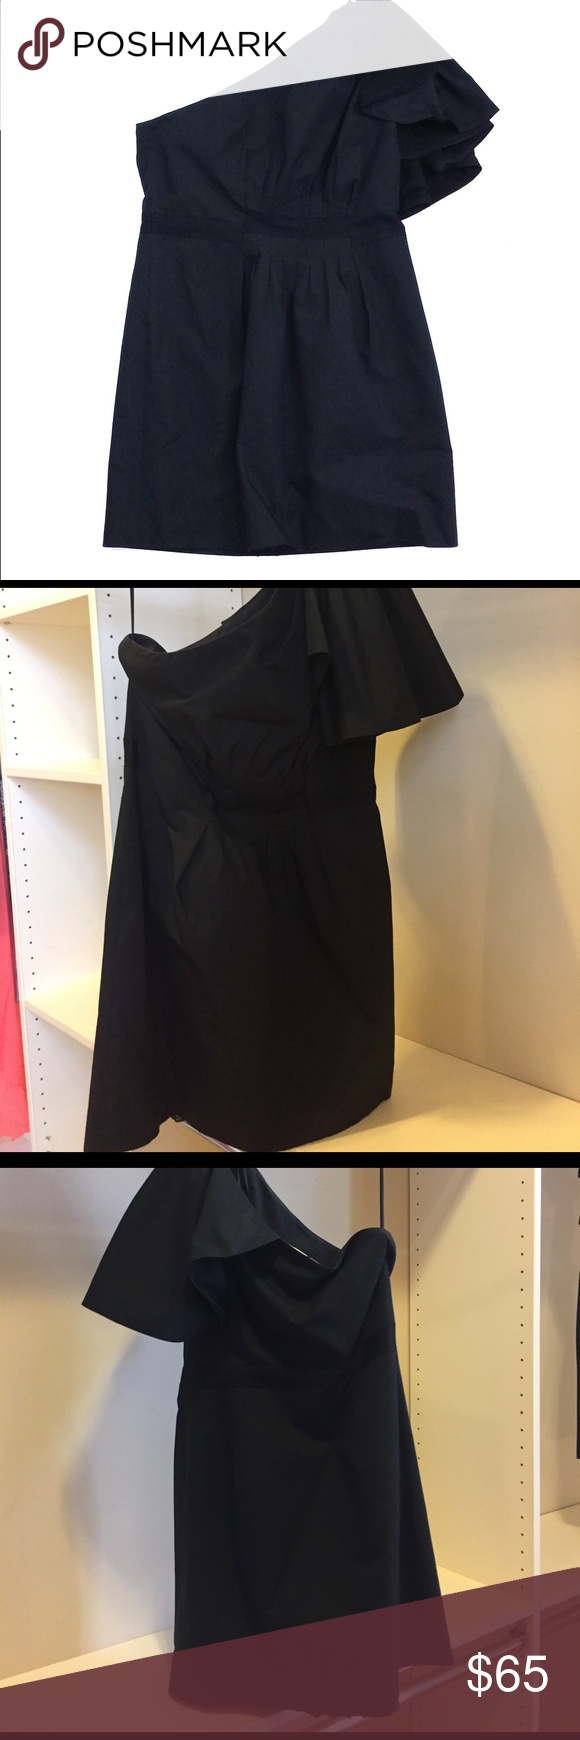 Leifsdottir black cotton one shoulder dress Shoulder dress Sassy